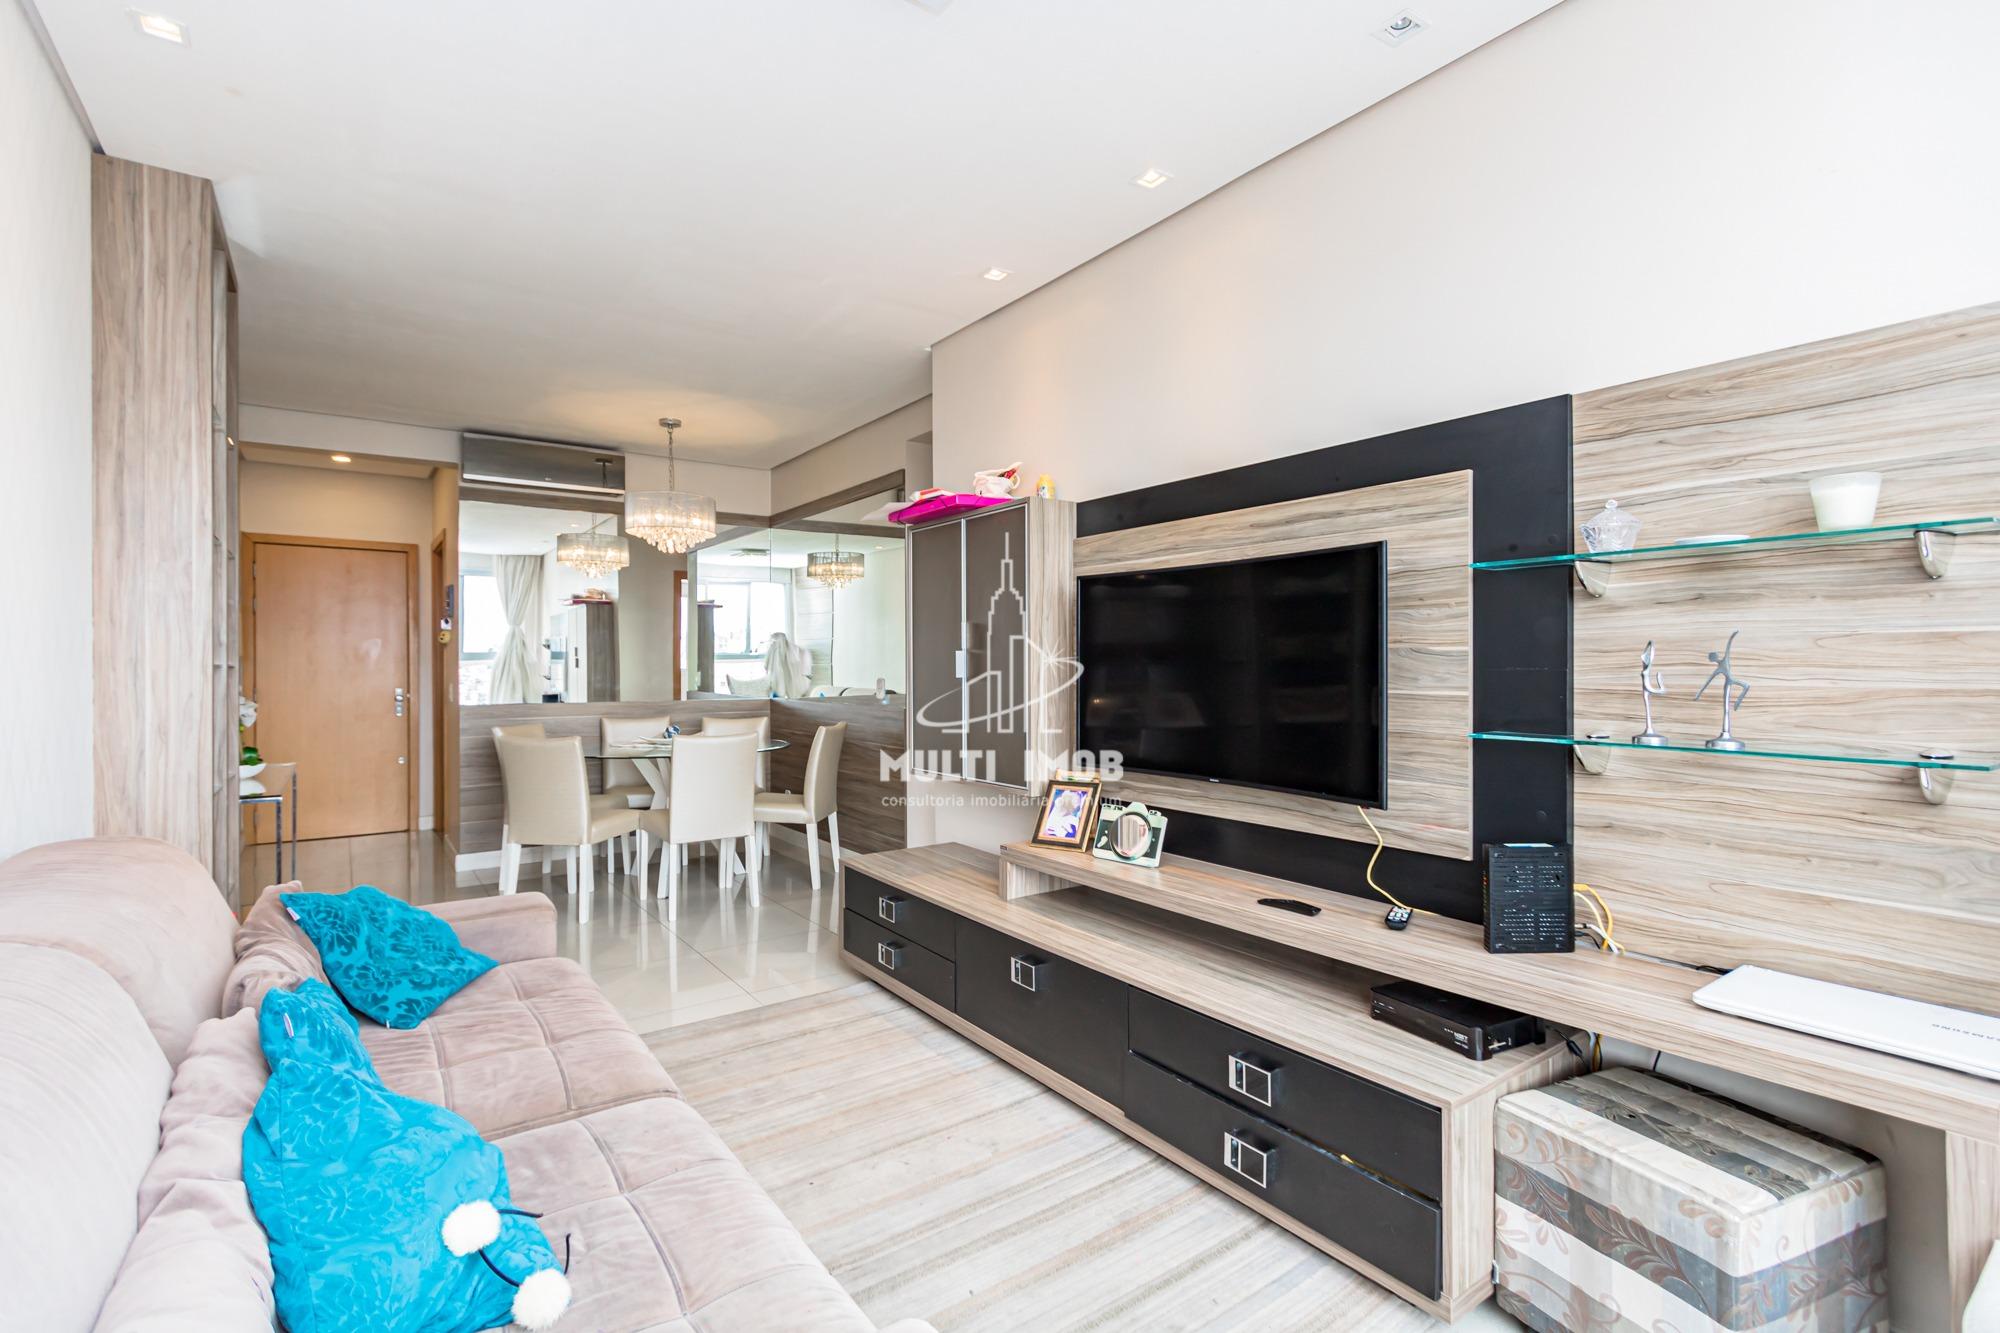 Apartamento  2 Dormitórios  1 Suíte  2 Vagas de Garagem Venda Bairro Santana em Porto Alegre RS